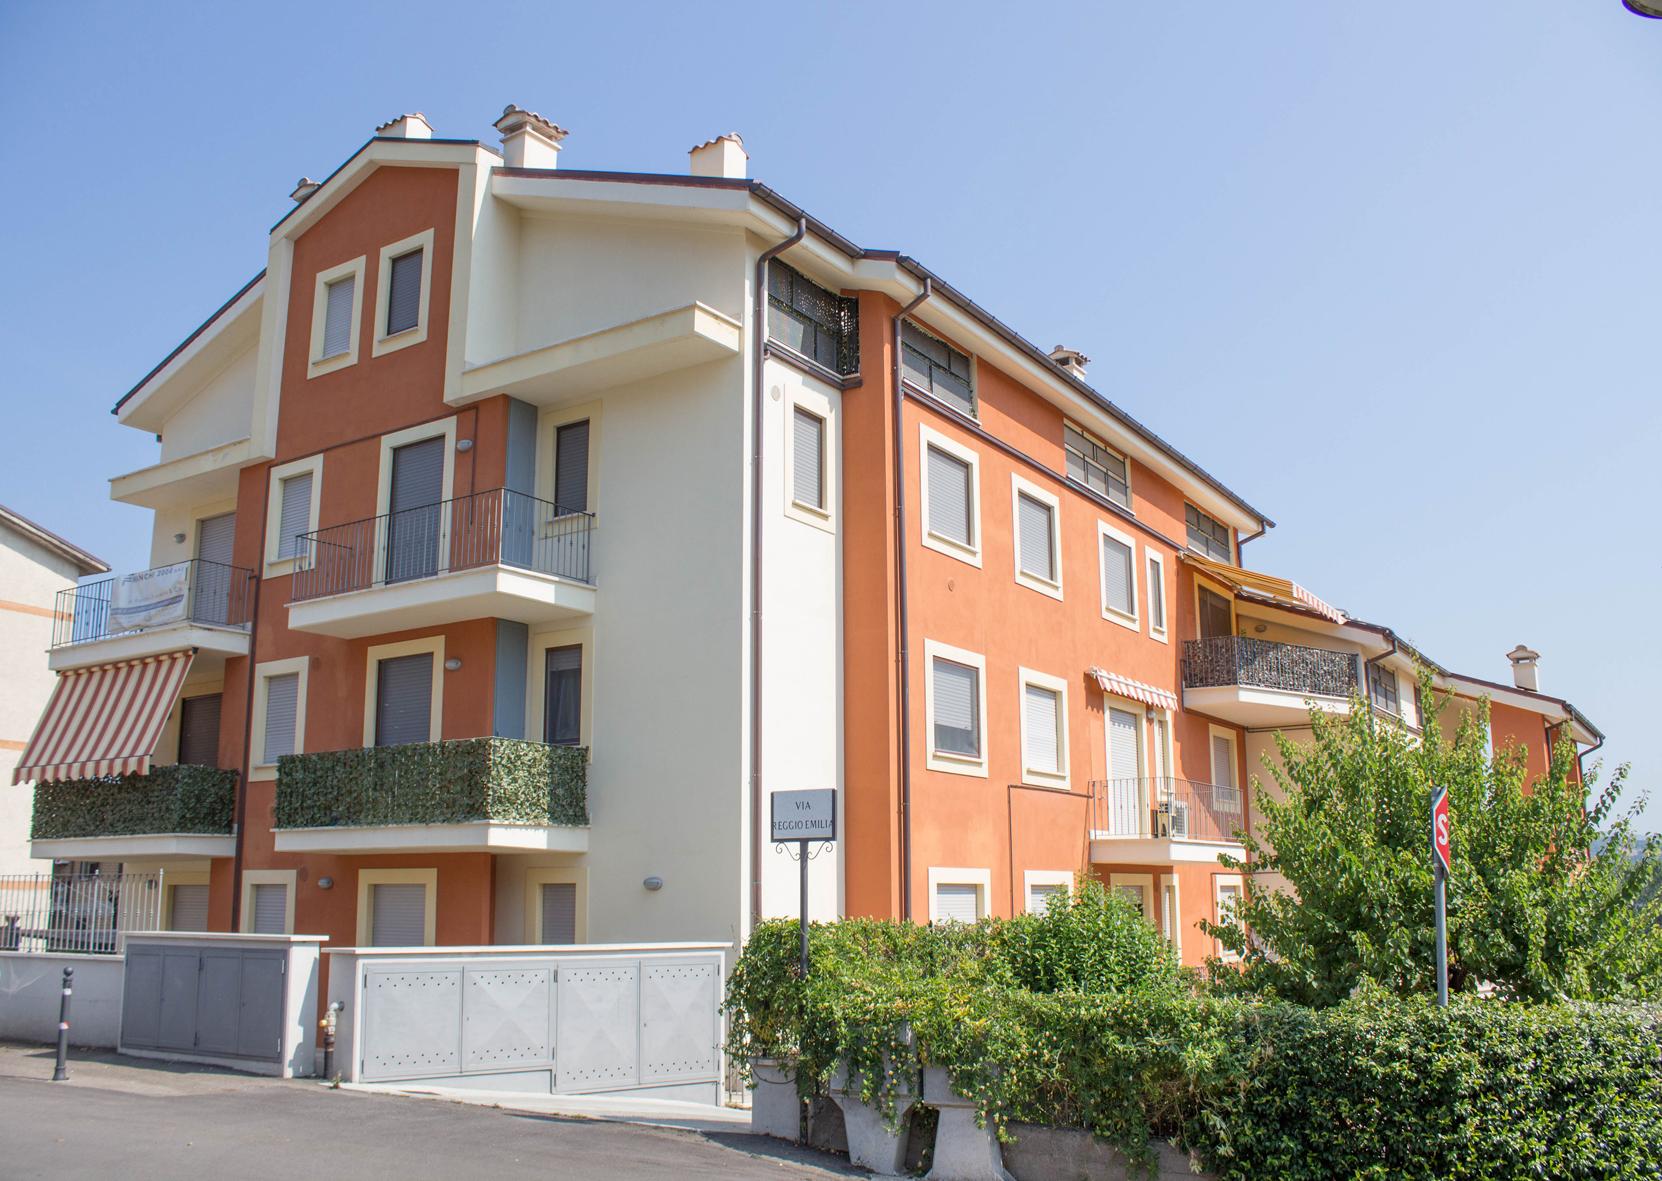 Appartamento in vendita a Orte, 2 locali, zona Località: OrteScalo, prezzo € 86.000 | Cambio Casa.it